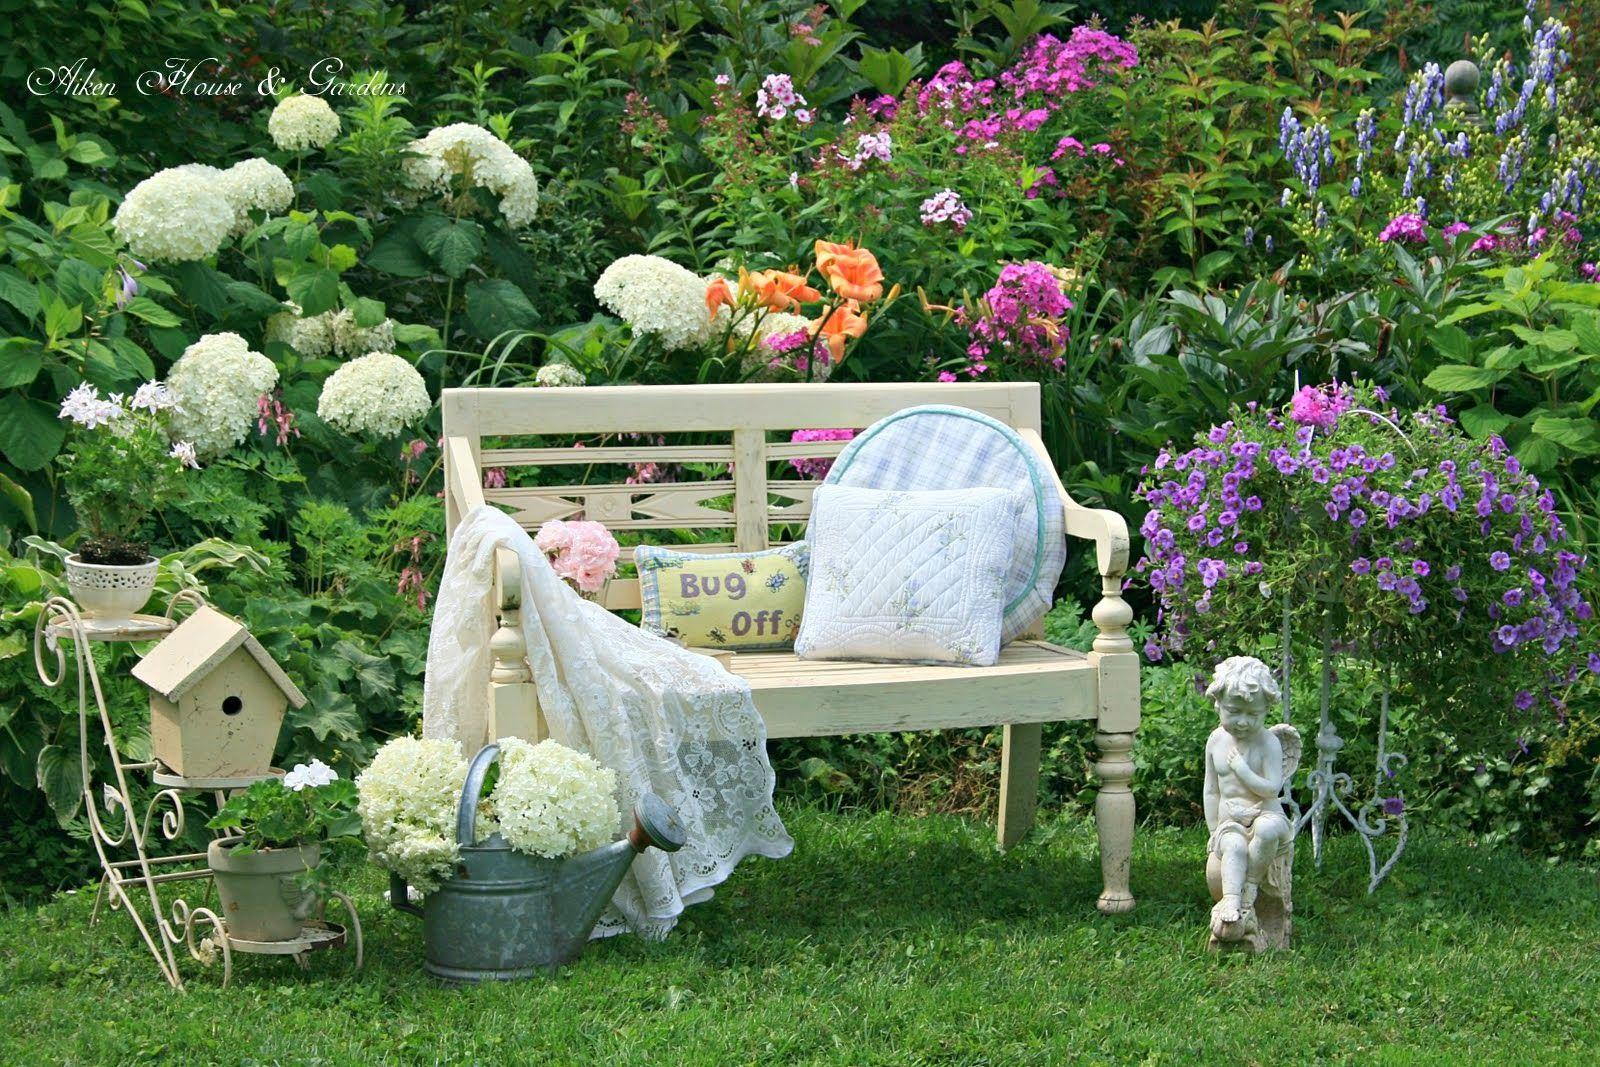 Aiken House & Gardens   G a r d e n s   Pinterest   Gardens, Flowers ...